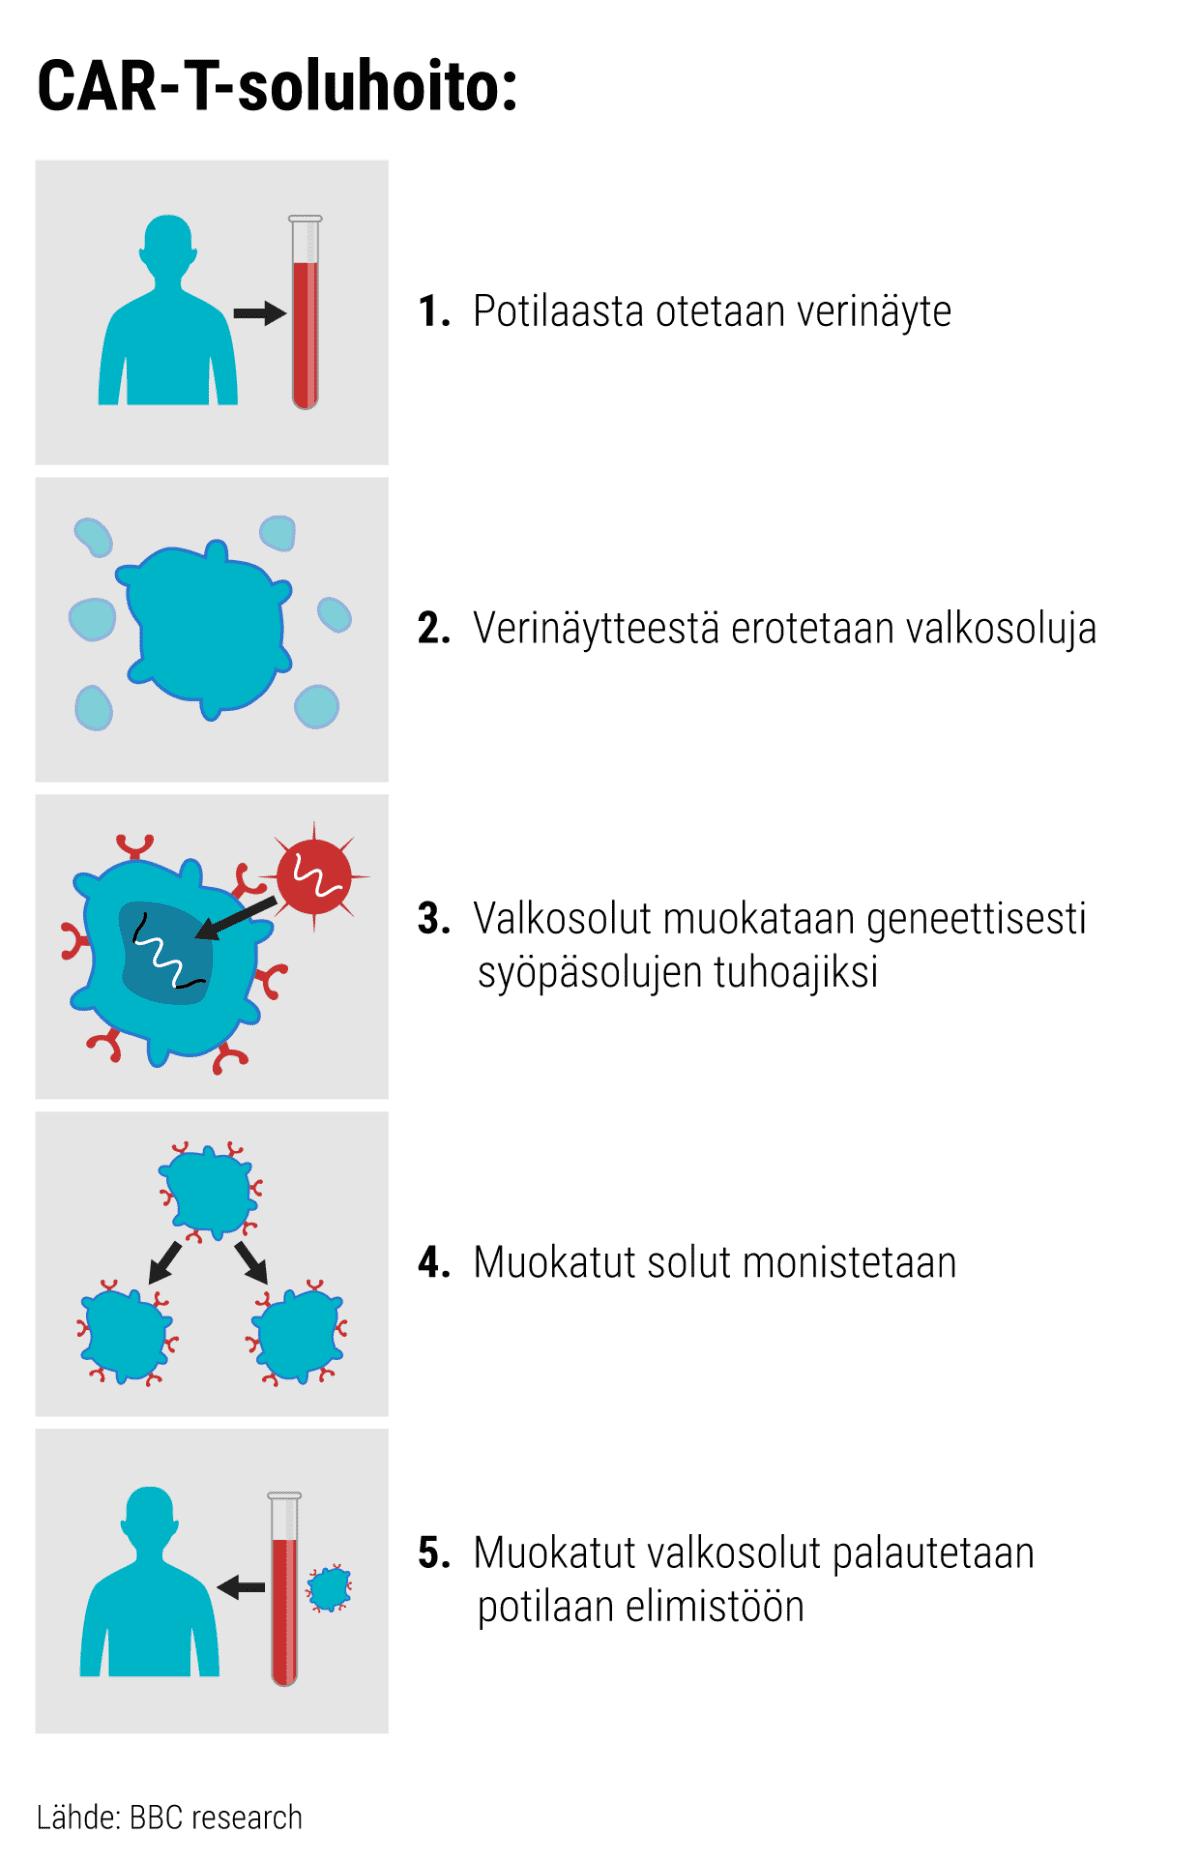 Kuvasarja joka kuvaa CAR-T-soluhoidon kulun. 1. Potilaasta otetaan verinäyte. 2. Verinäytteestä erotetaan valkosoluja. 3.  Valkosolut muokataan geneettisesti syöpäsolujen tuhoajiksi. 4.  Muokatut solut monistetaan. 5. Muokatut valkosolut palautetaan potilaan elimistöön. Kuvasarjan lähde BBC research.